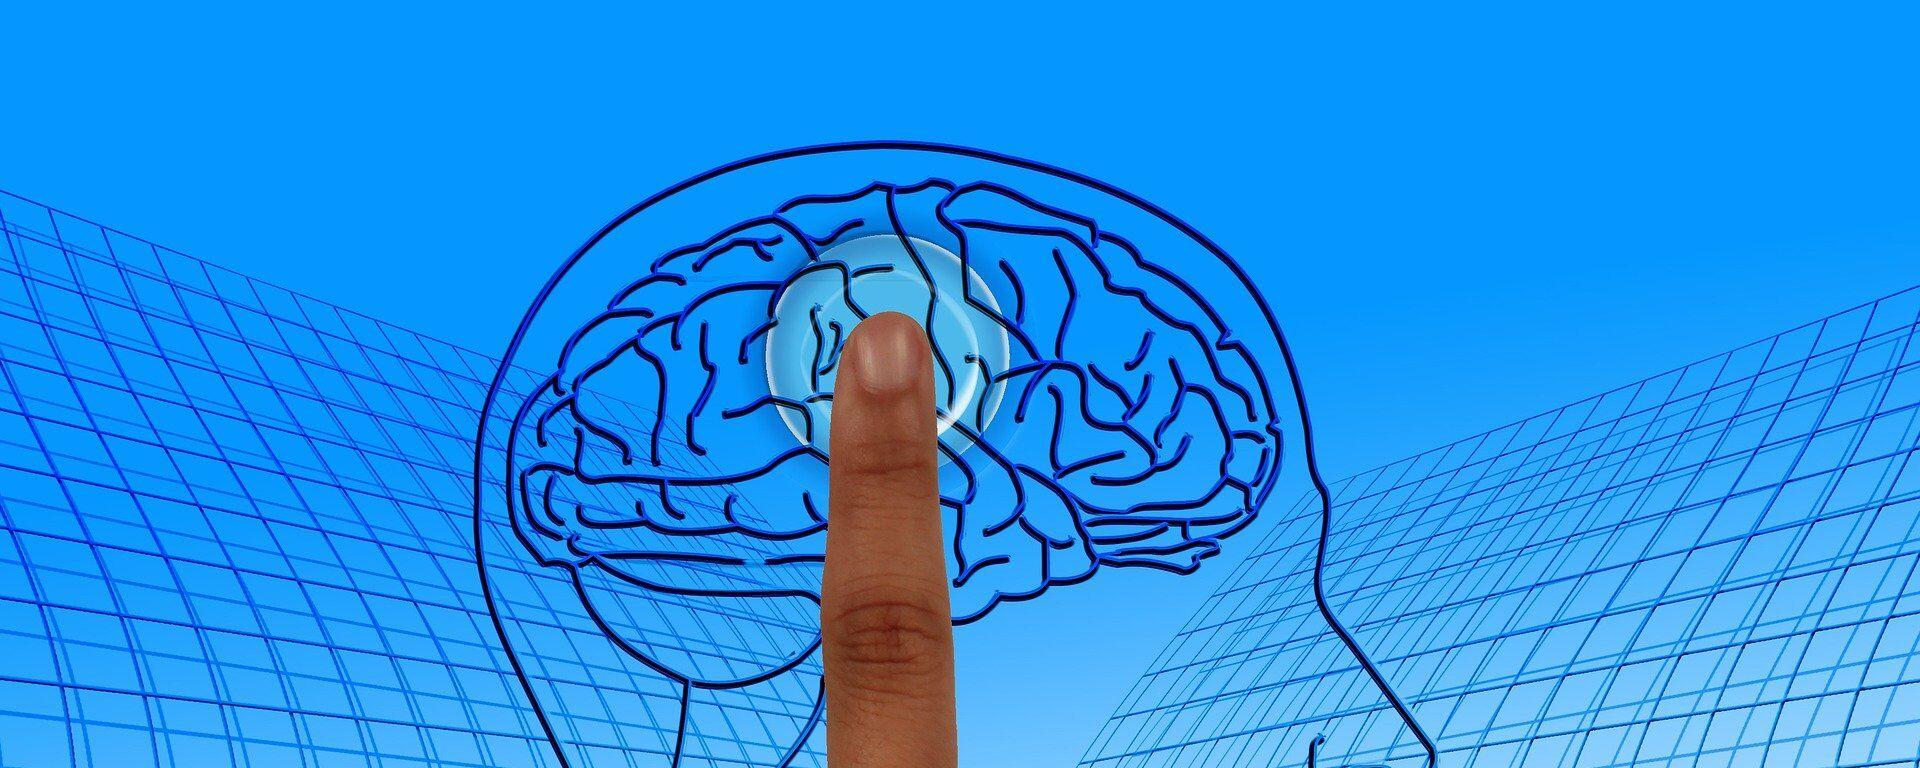 Cerebro humano (ilustración) - Sputnik Mundo, 1920, 01.06.2020